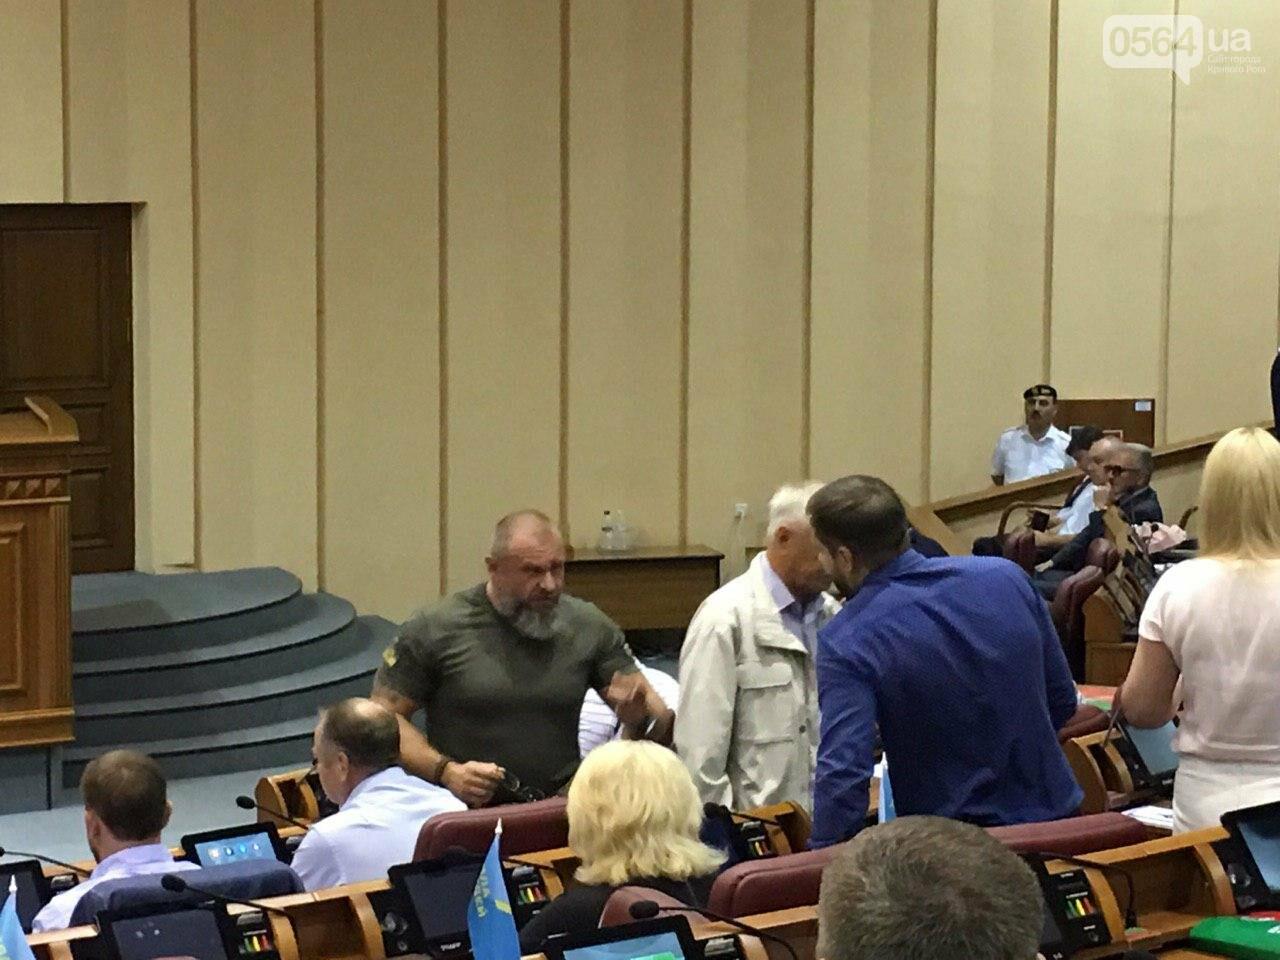 Депутат, который служит в зоне ООС, покинул фракцию Опоблока в Криворожском горсовете , - ФОТО, фото-1